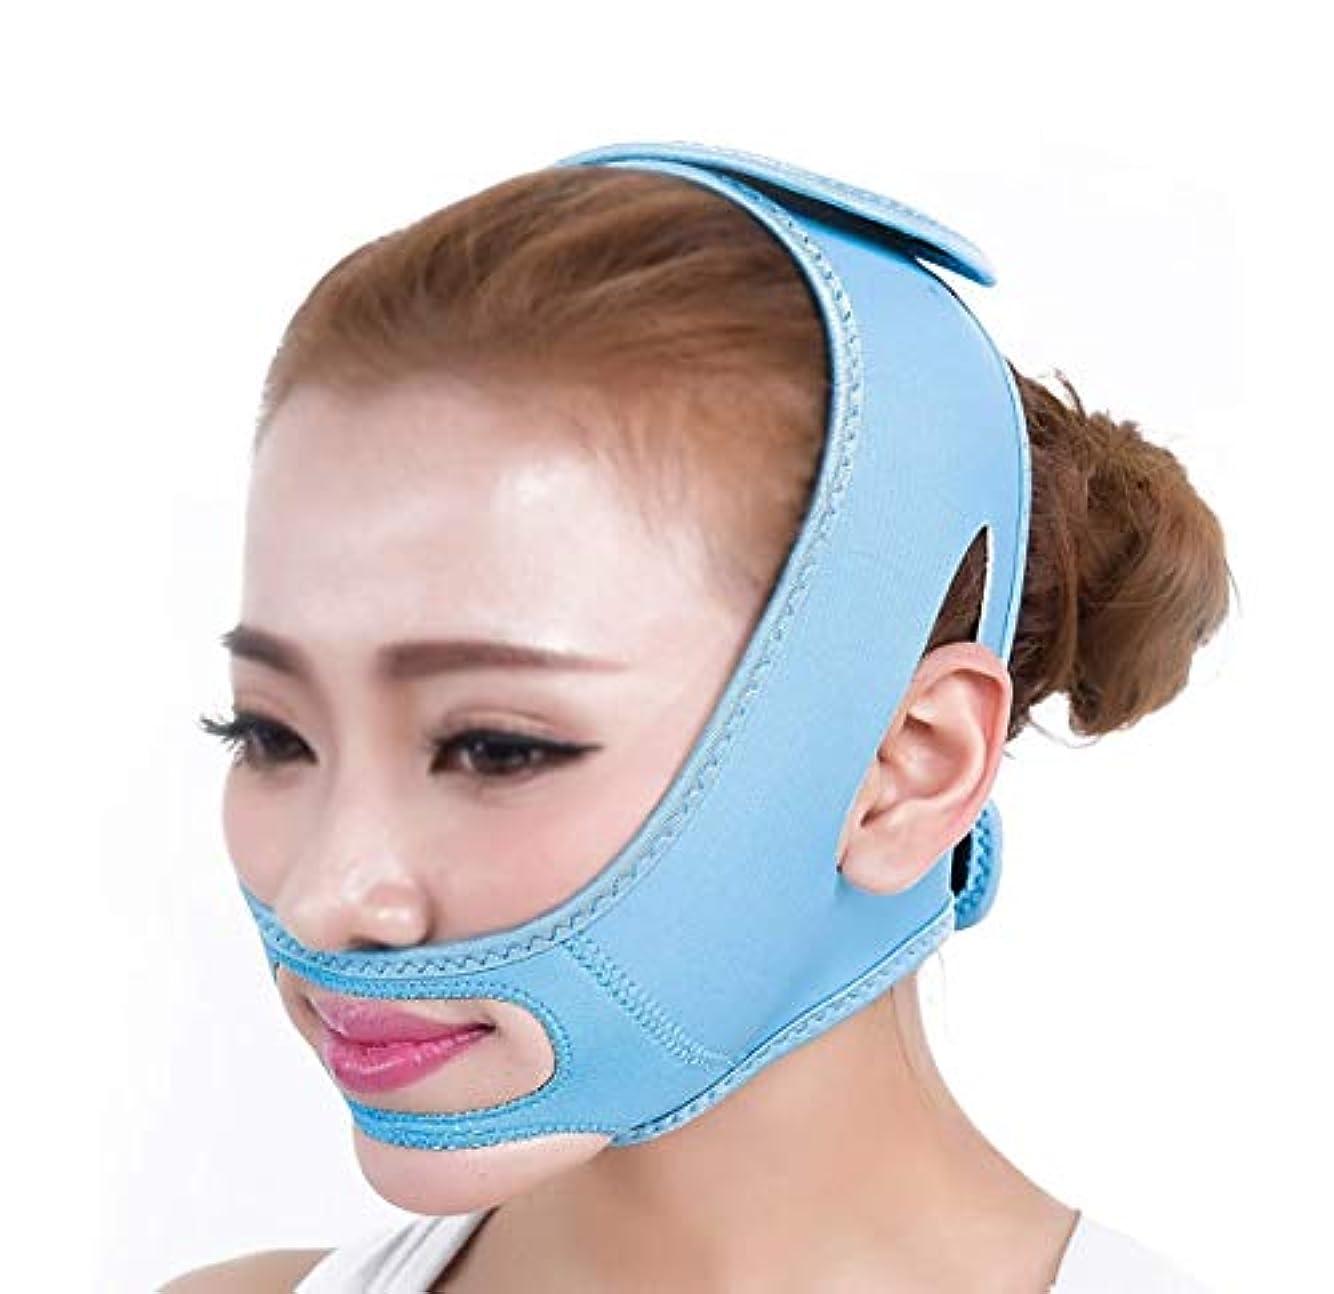 シニスソーセージ講義HEMFV フェイススリミングは、顔の皮膚包帯二重あごスリミングベルト美容通気性のVフェイス包帯顔のリフティングを締め、スリムリフトマスク